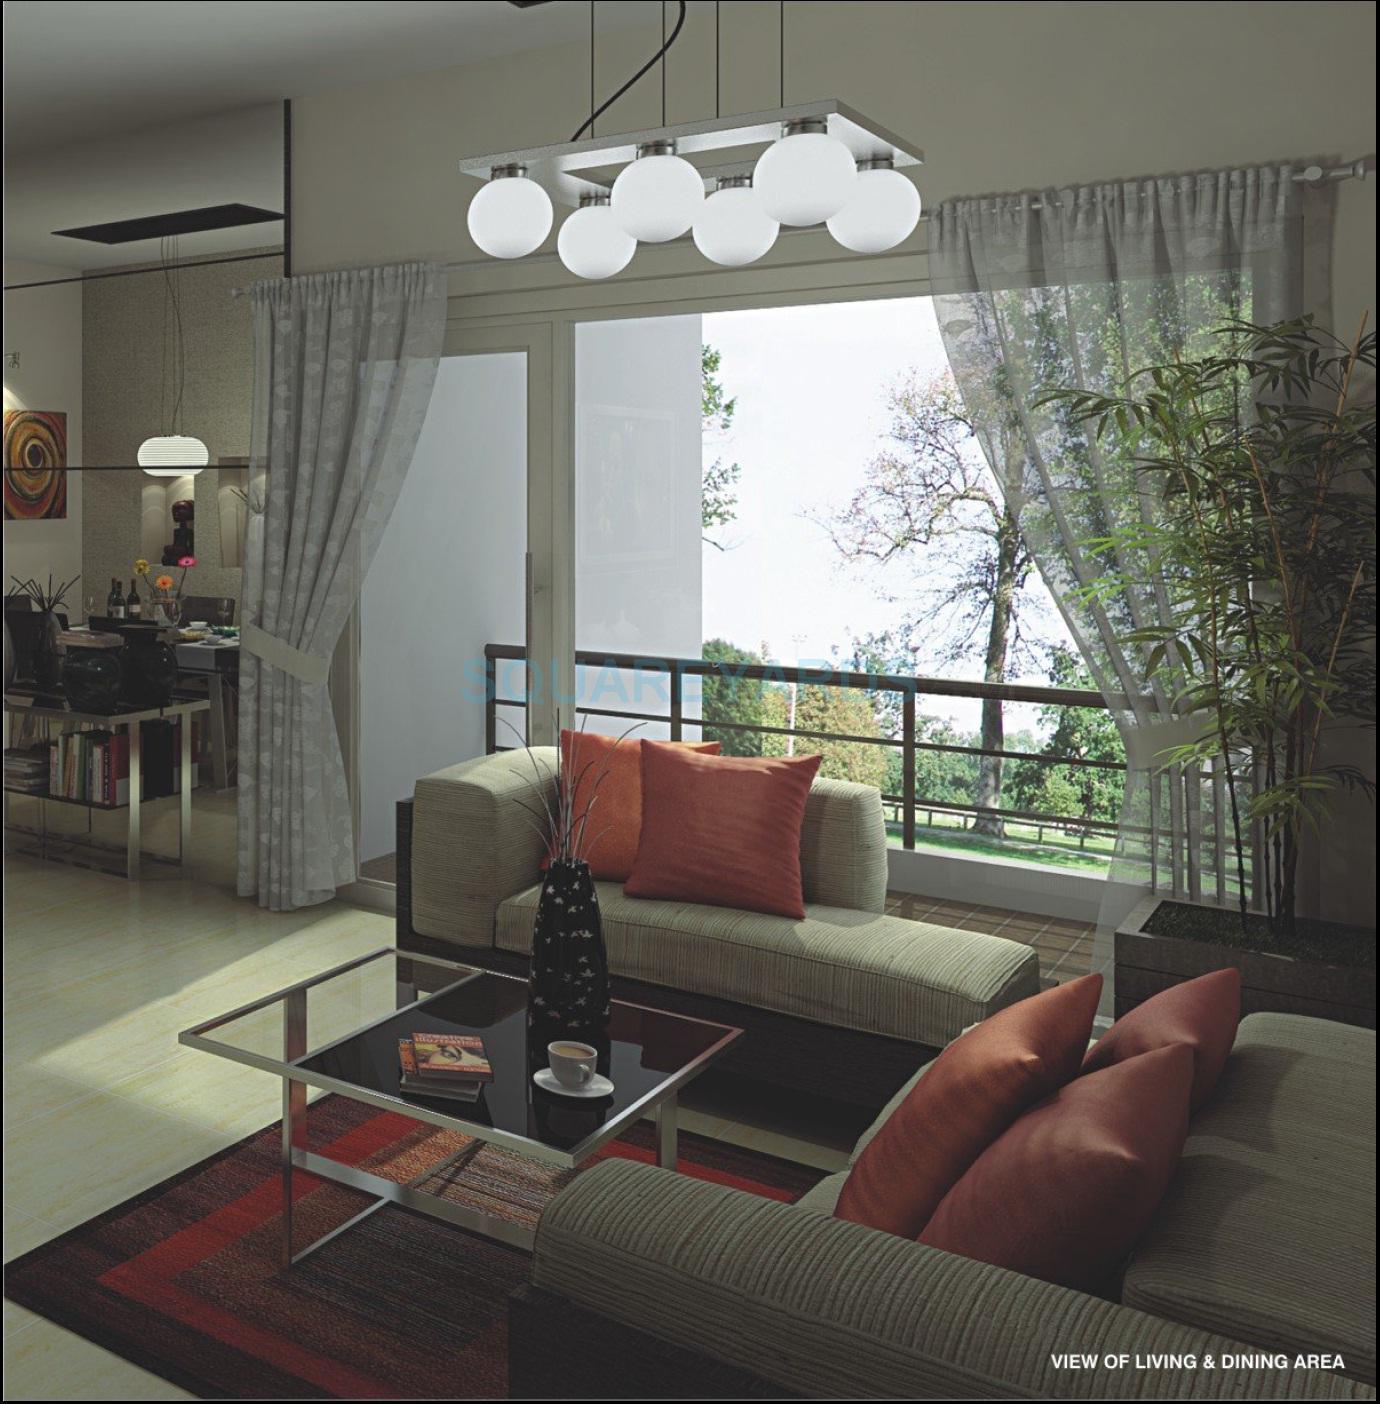 3c lotus boulevard apartment interiors1